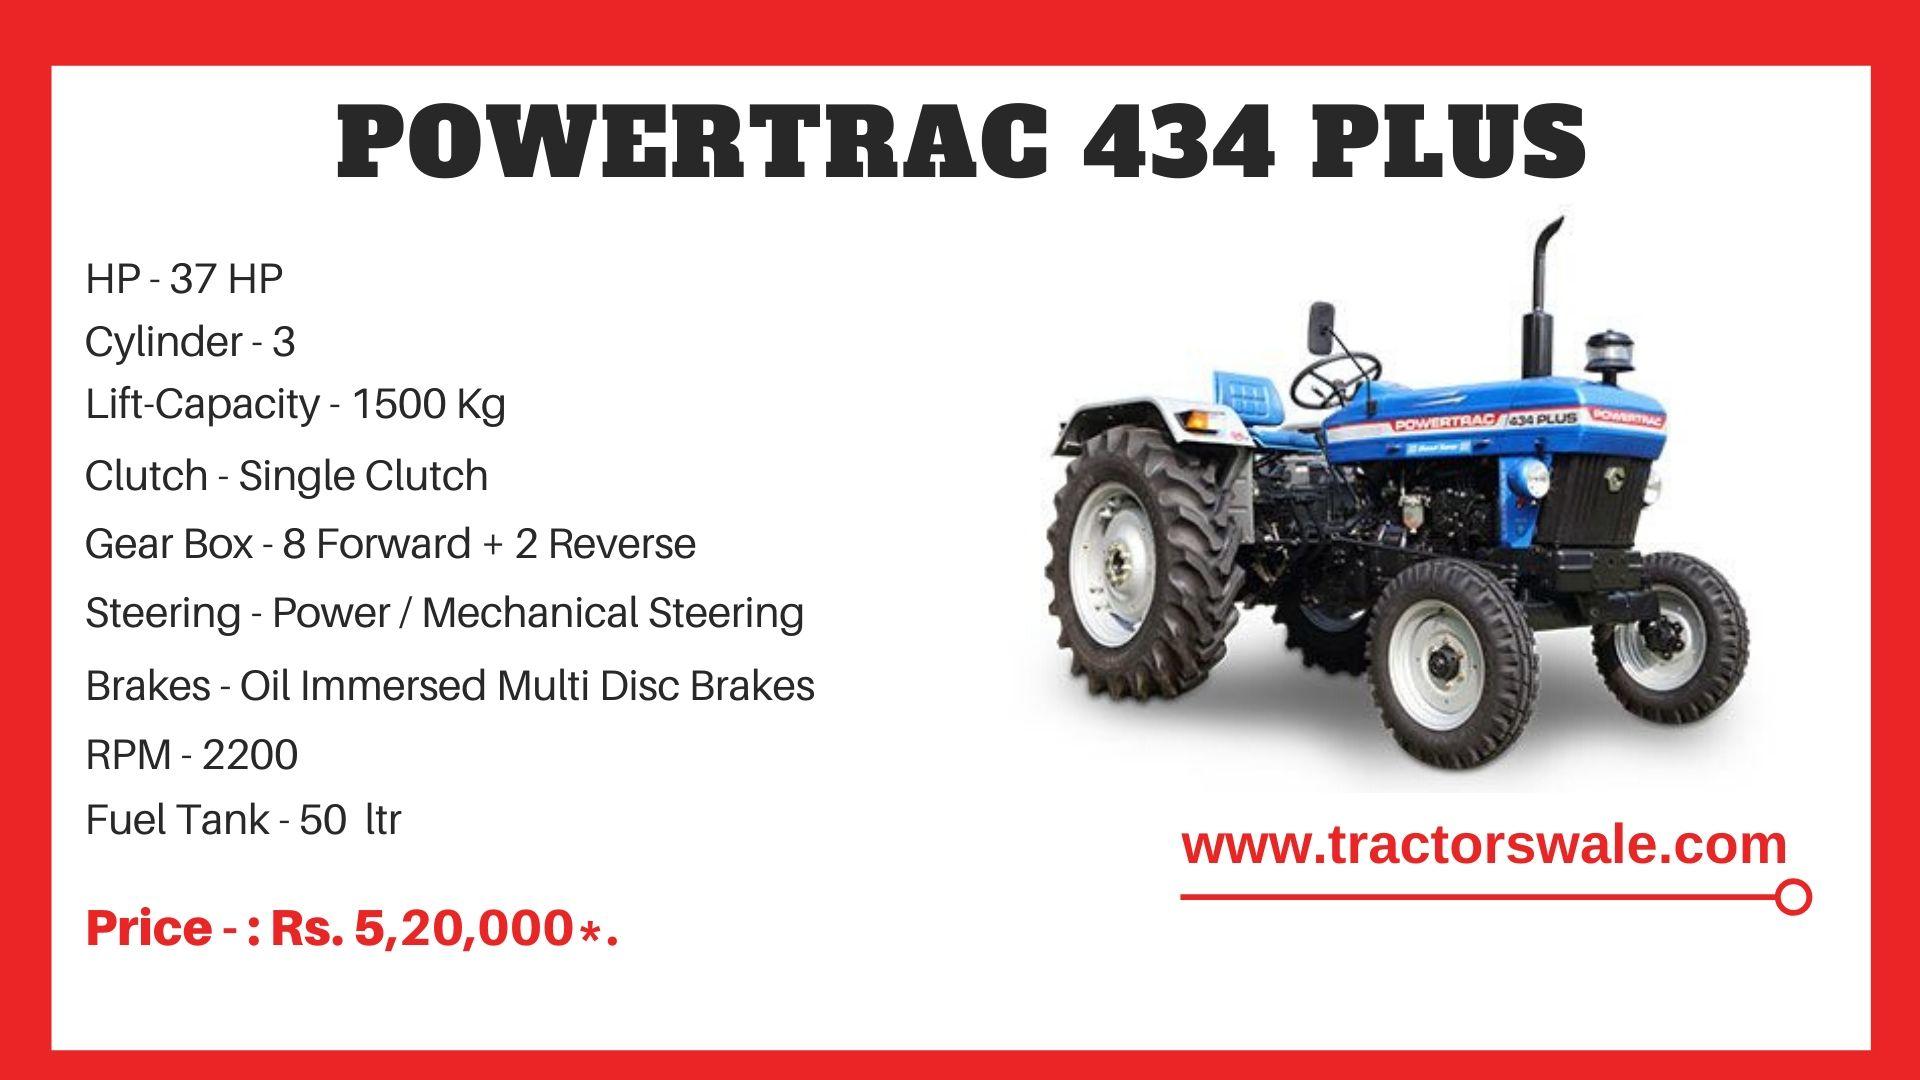 PowerTrac 434 Plus tractor price